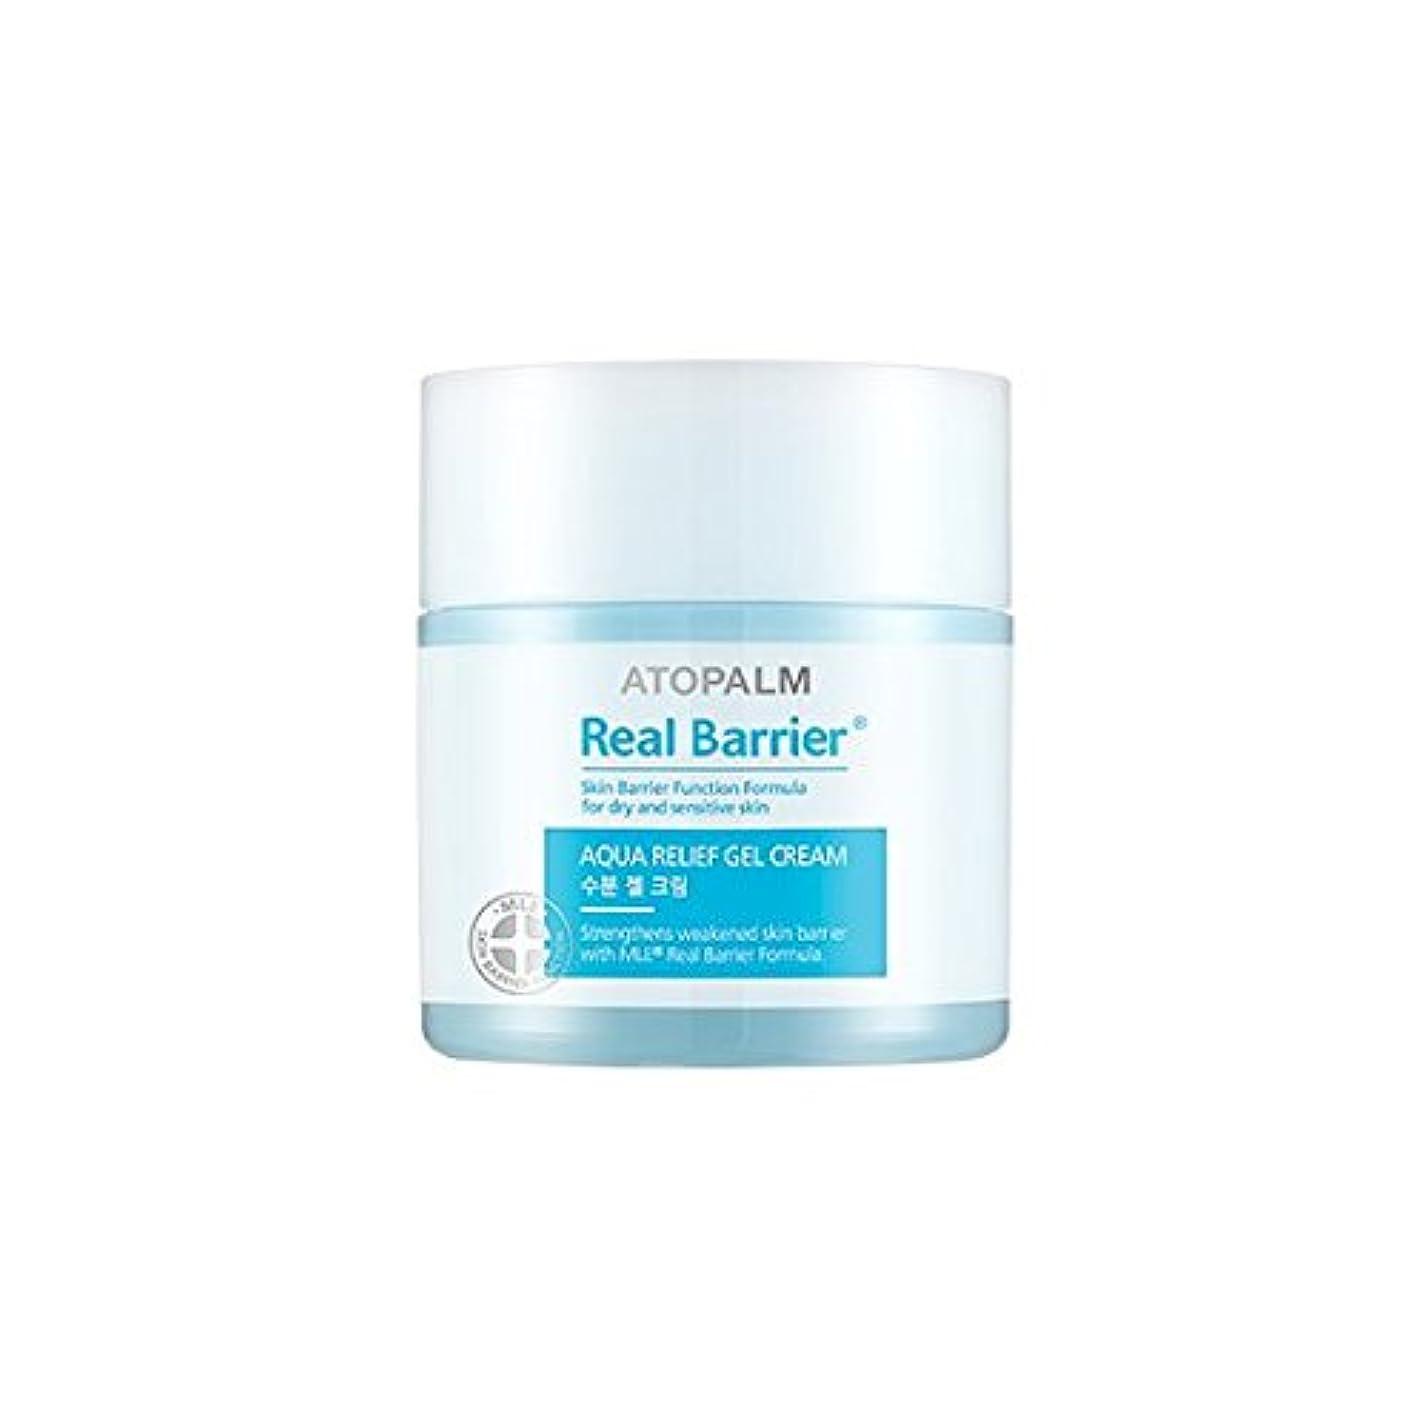 海暴露する種をまくATOPALM Real Barrier Aqua Relief Gel Cream 50ml/アトパーム リアル バリア アクア リリーフ ジェル クリーム 50ml [並行輸入品]